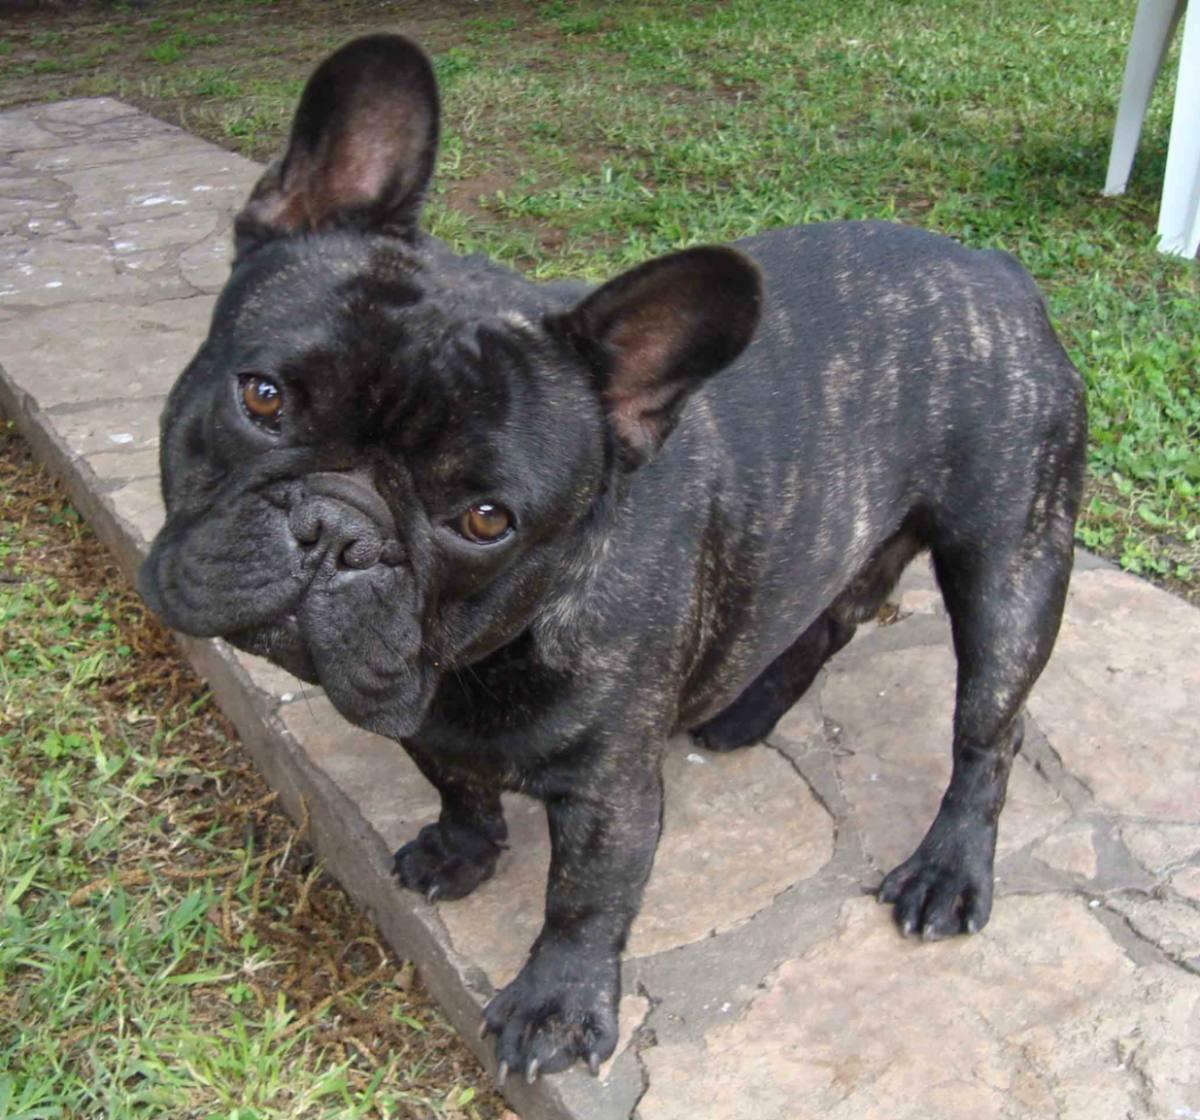 Imagenes de bulldog frances ~ Imagenes de perros Bulldog Puppies Wallpaper